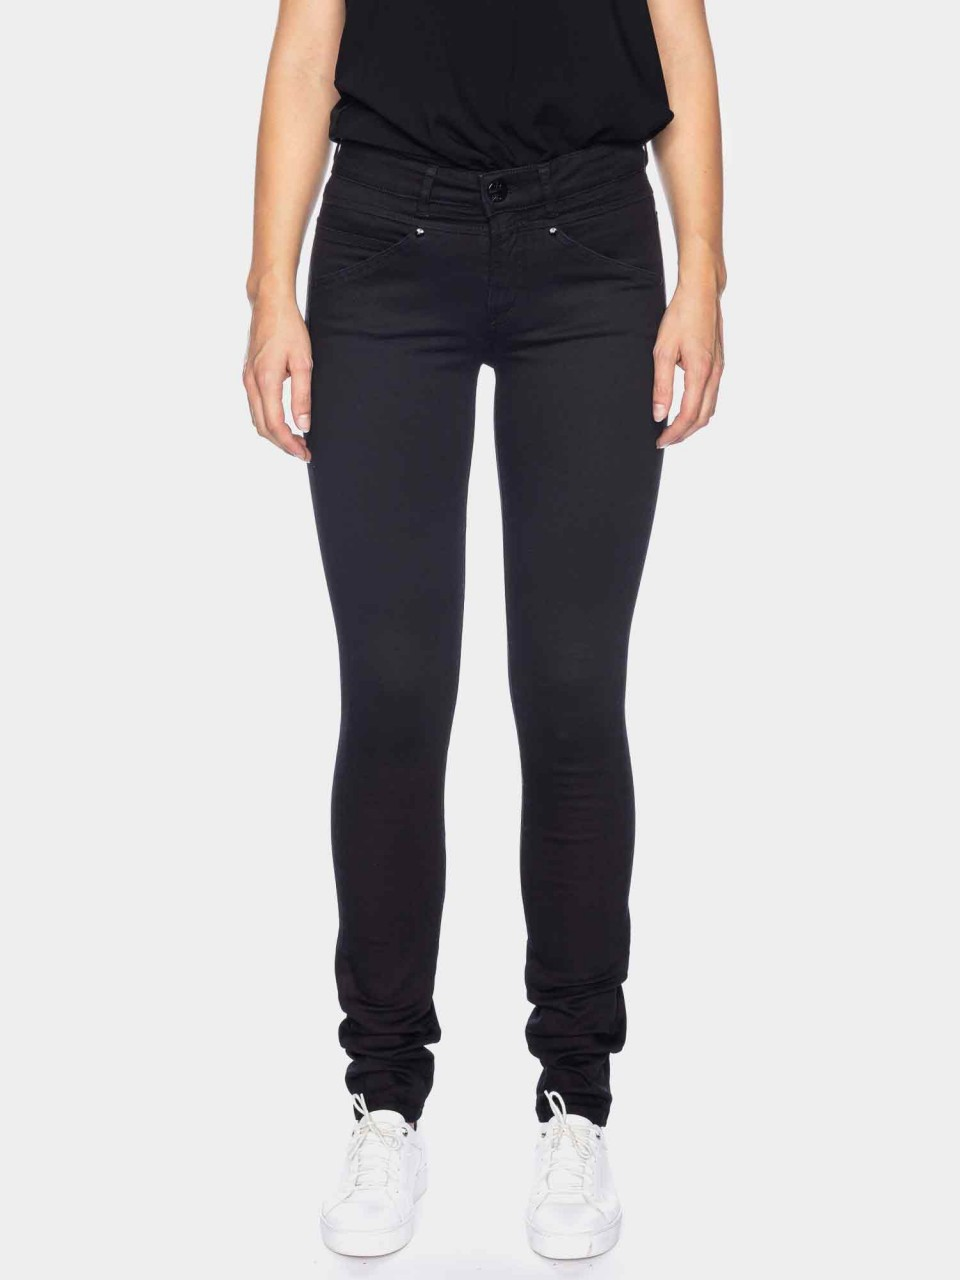 Jeans Kandy 47028 BLK